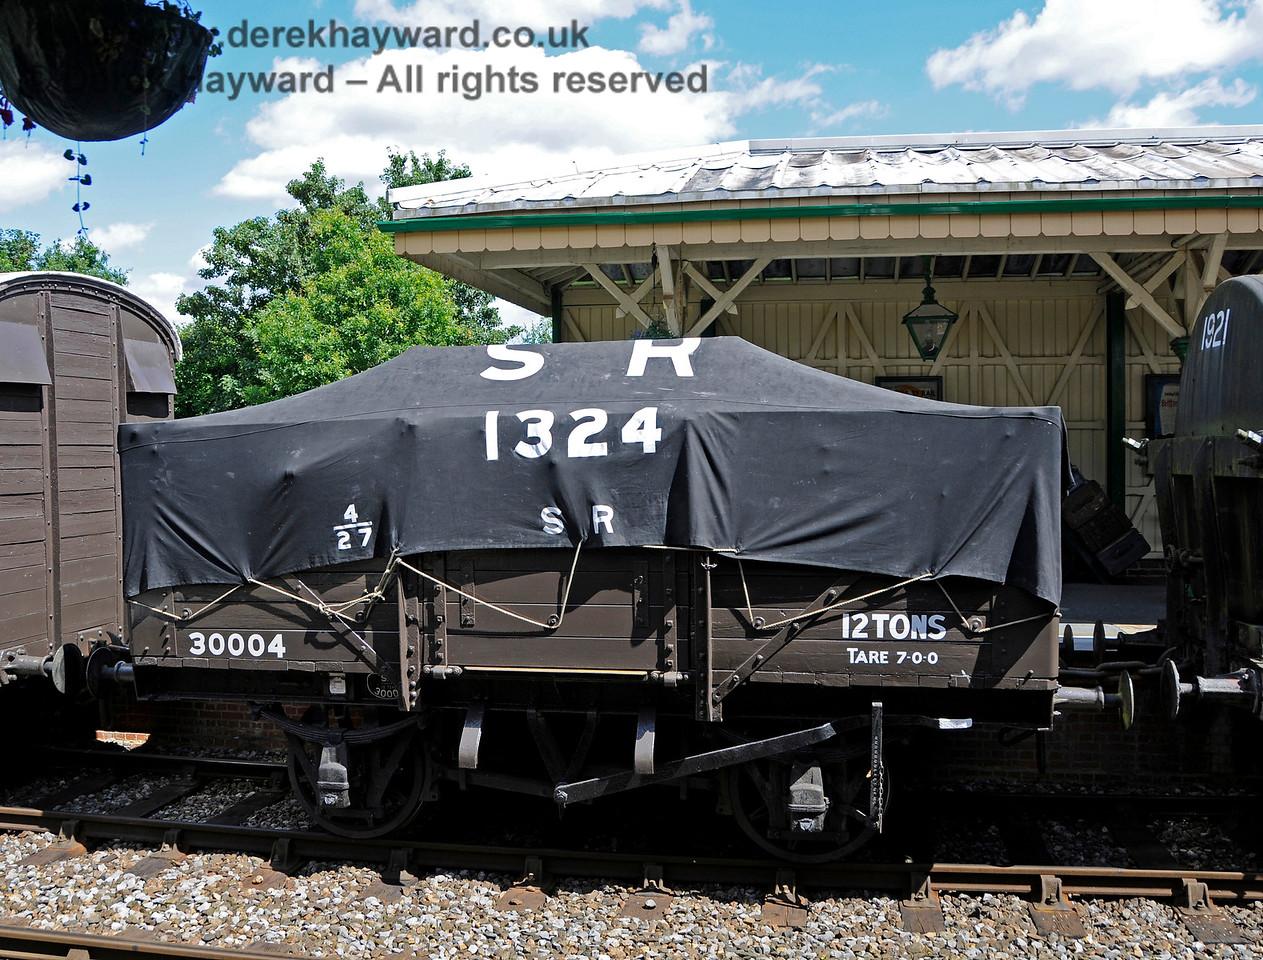 30004 KC 060816 15888 E